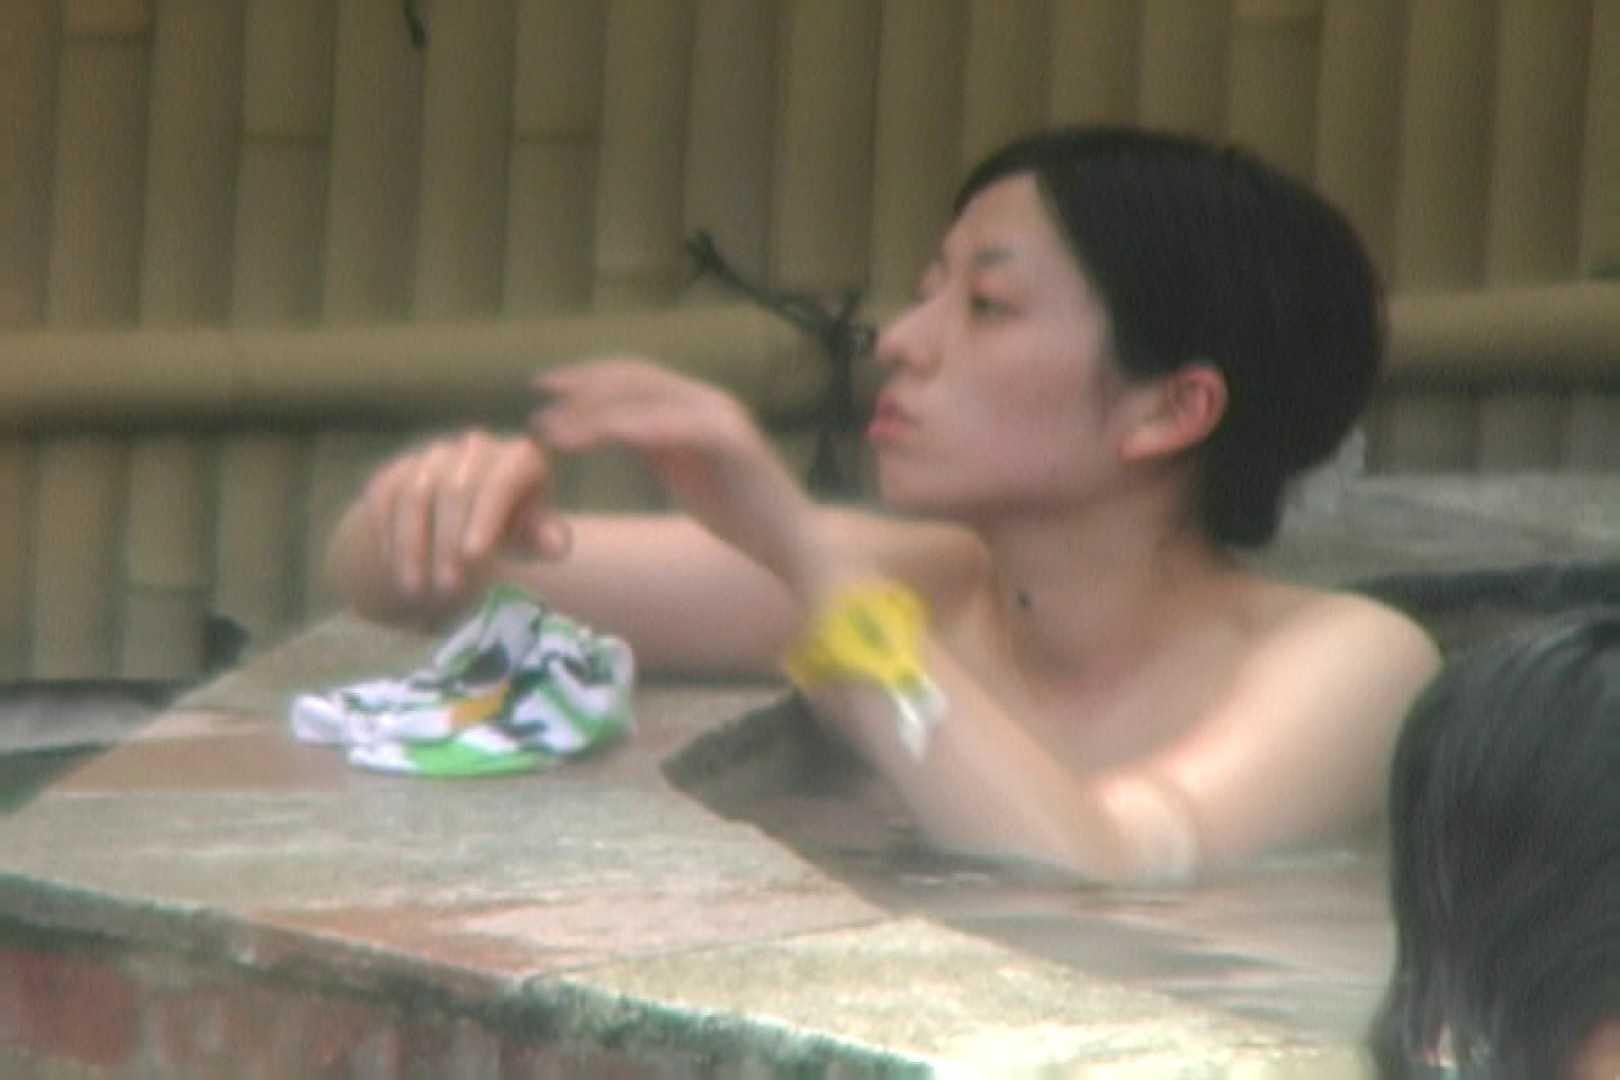 Aquaな露天風呂Vol.562 露天 | OLエロ画像  38PICs 25